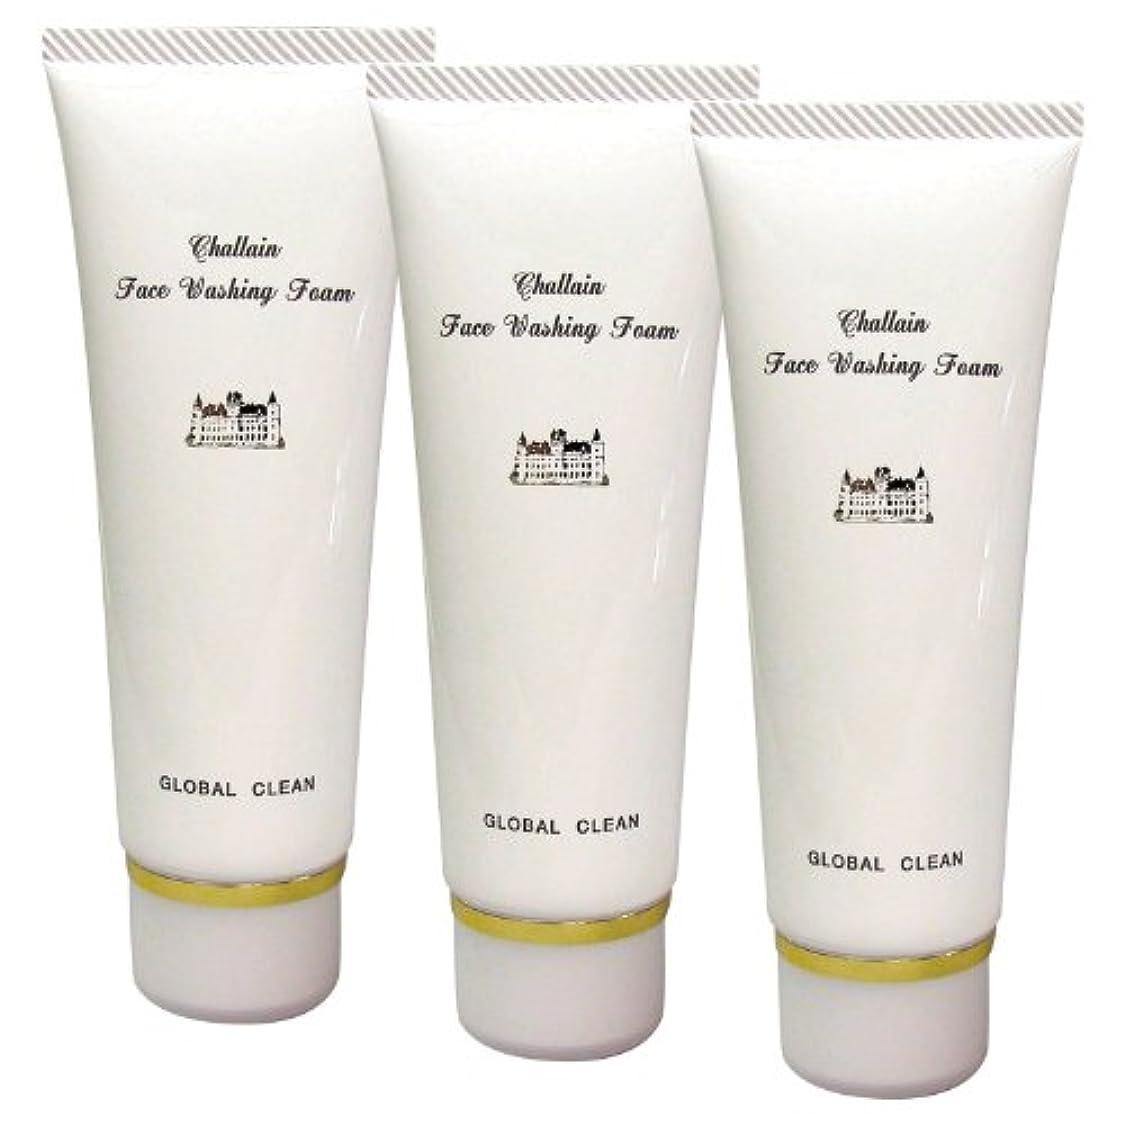 月曜日スプリットセラフ油脂と製法にこだわった熟成洗顔フォーム! シャラン洗顔フォーム 3個組